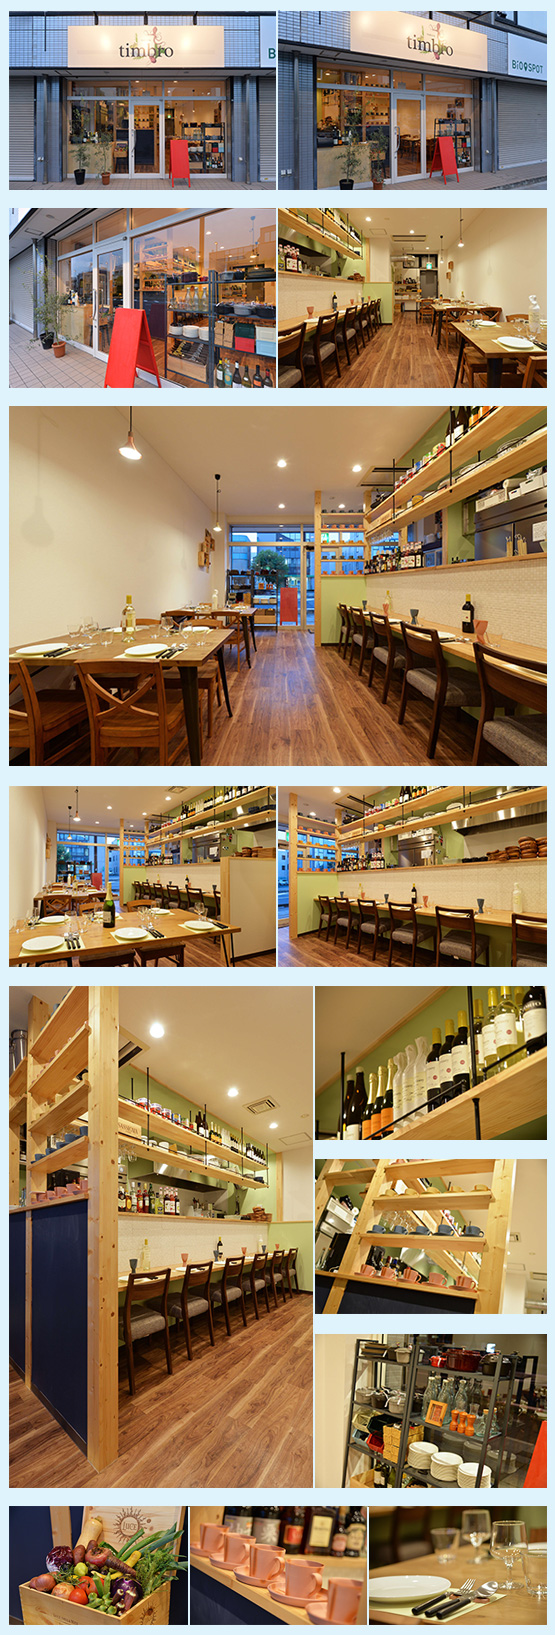 レストラン・イタリアン・フレンチ 内装デザイン事例2